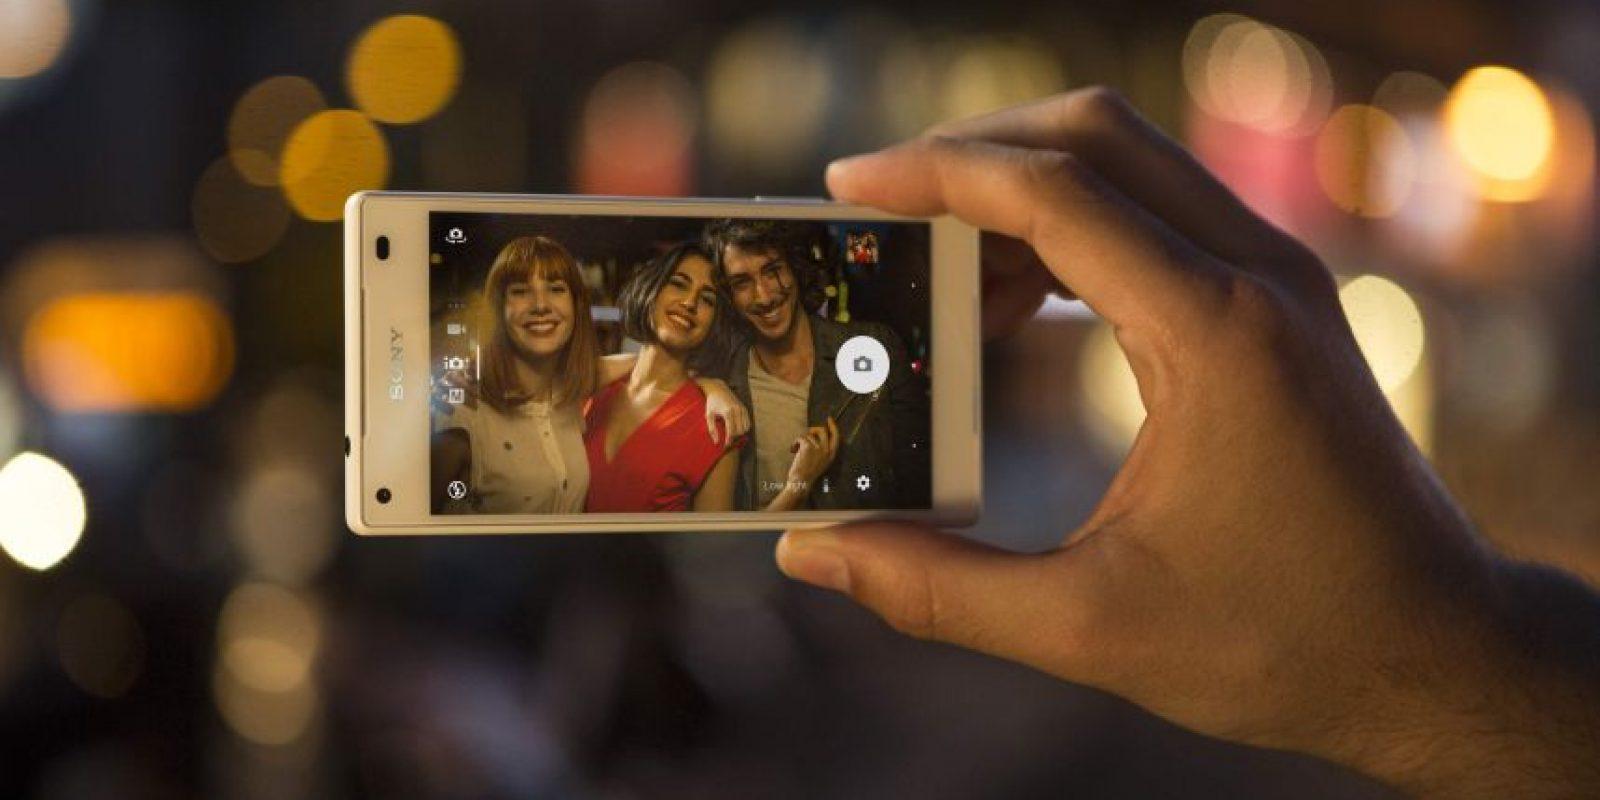 La revolucionaria cámara del Xperia Z5 promete ser más veloz que un parpadeo Foto:Fuente Externa